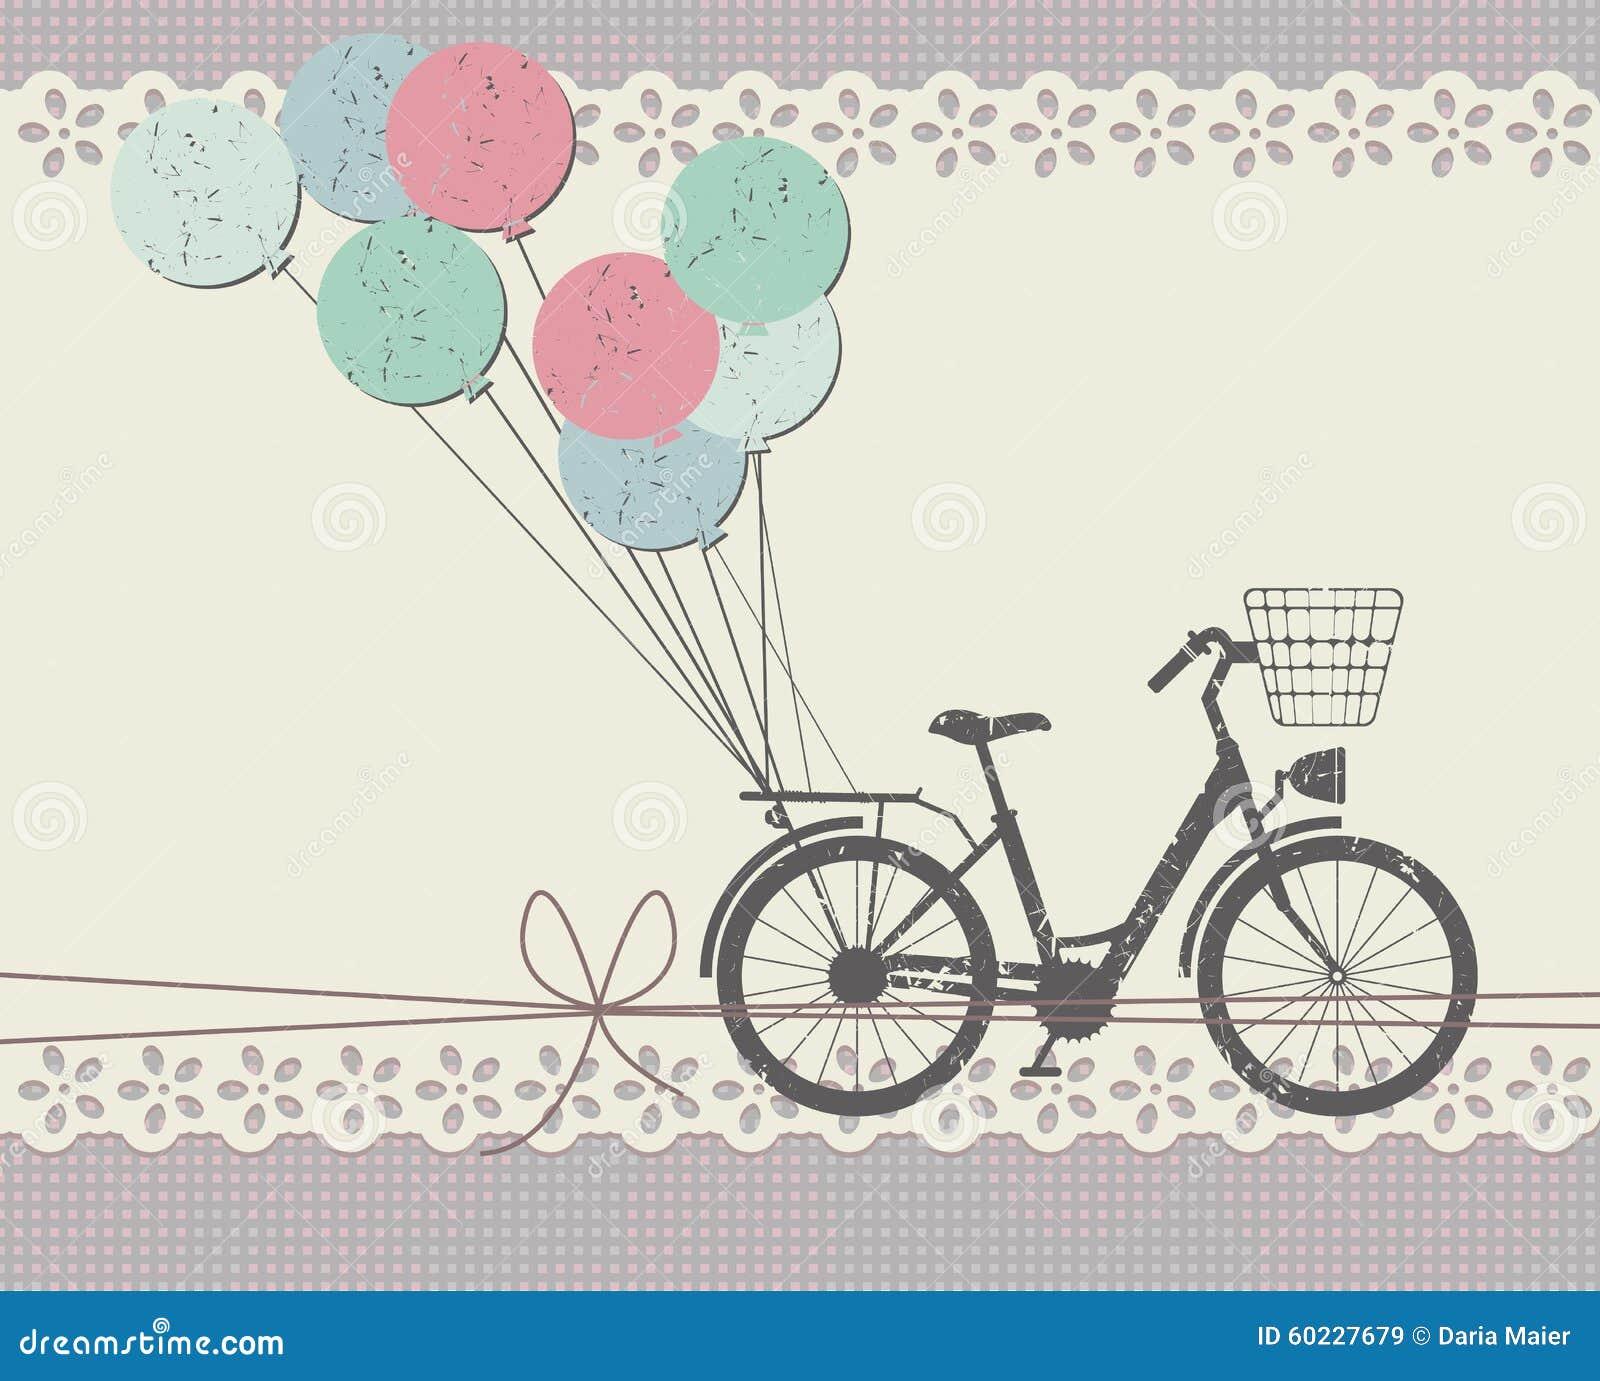 Открытка с изображением велосипеда